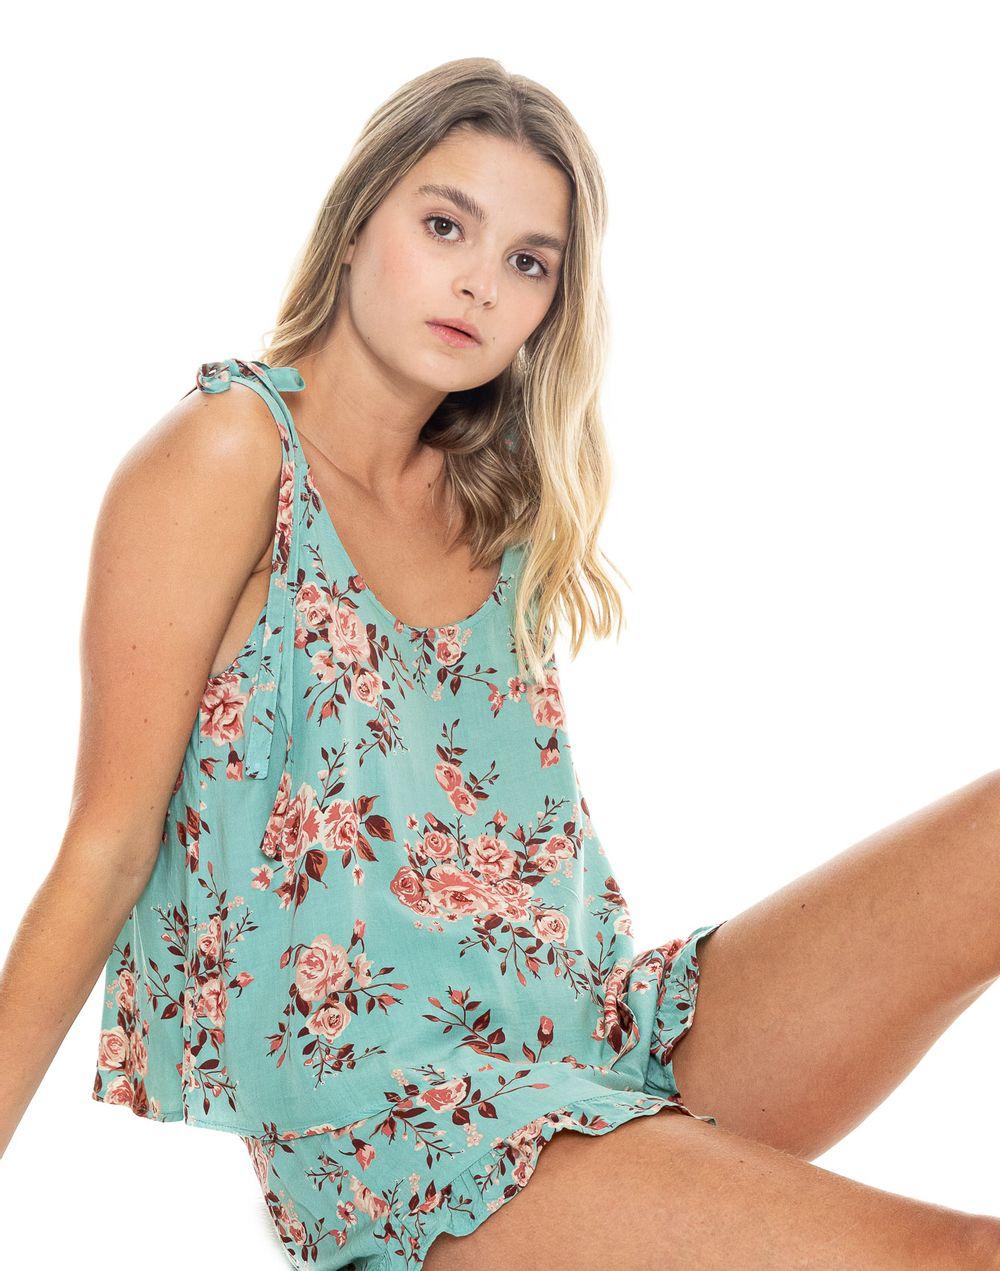 pijamas-046704-azul-1.jpg